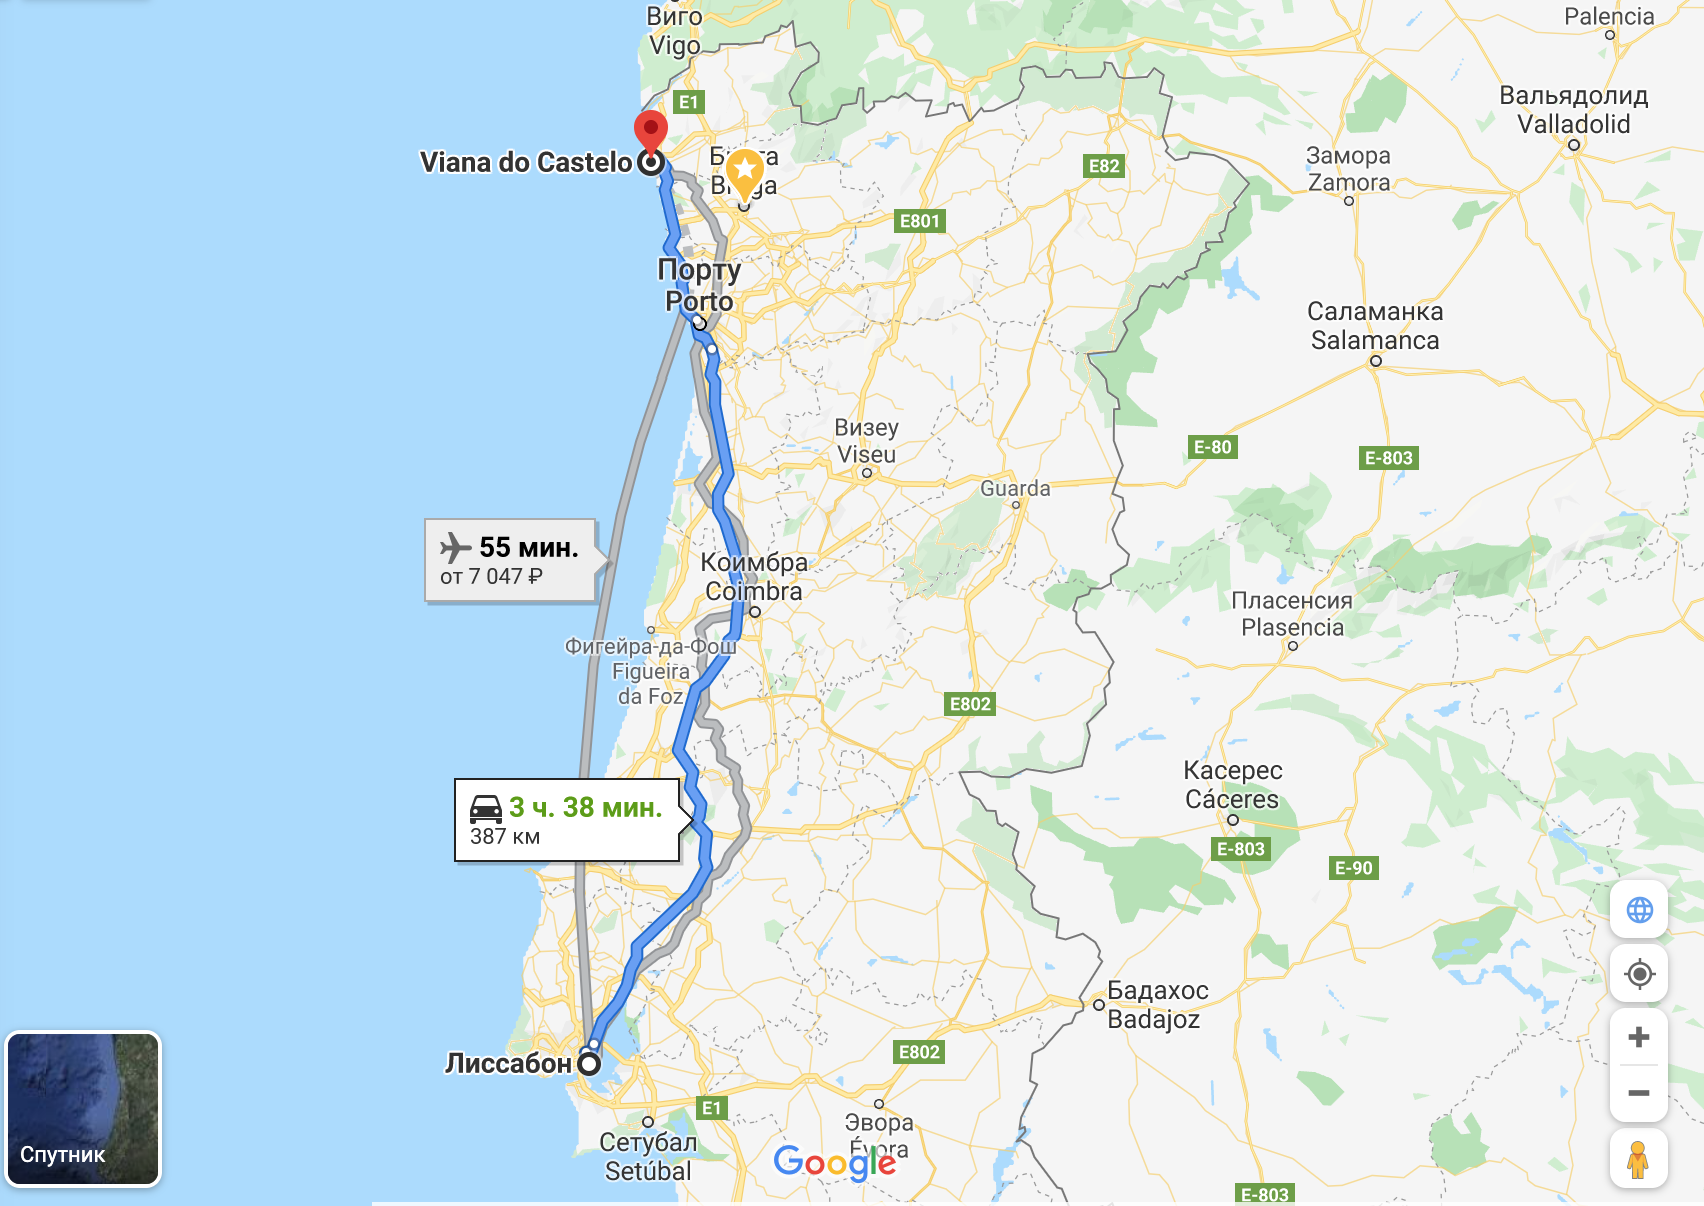 Как добраться до города Виану ду каштелу